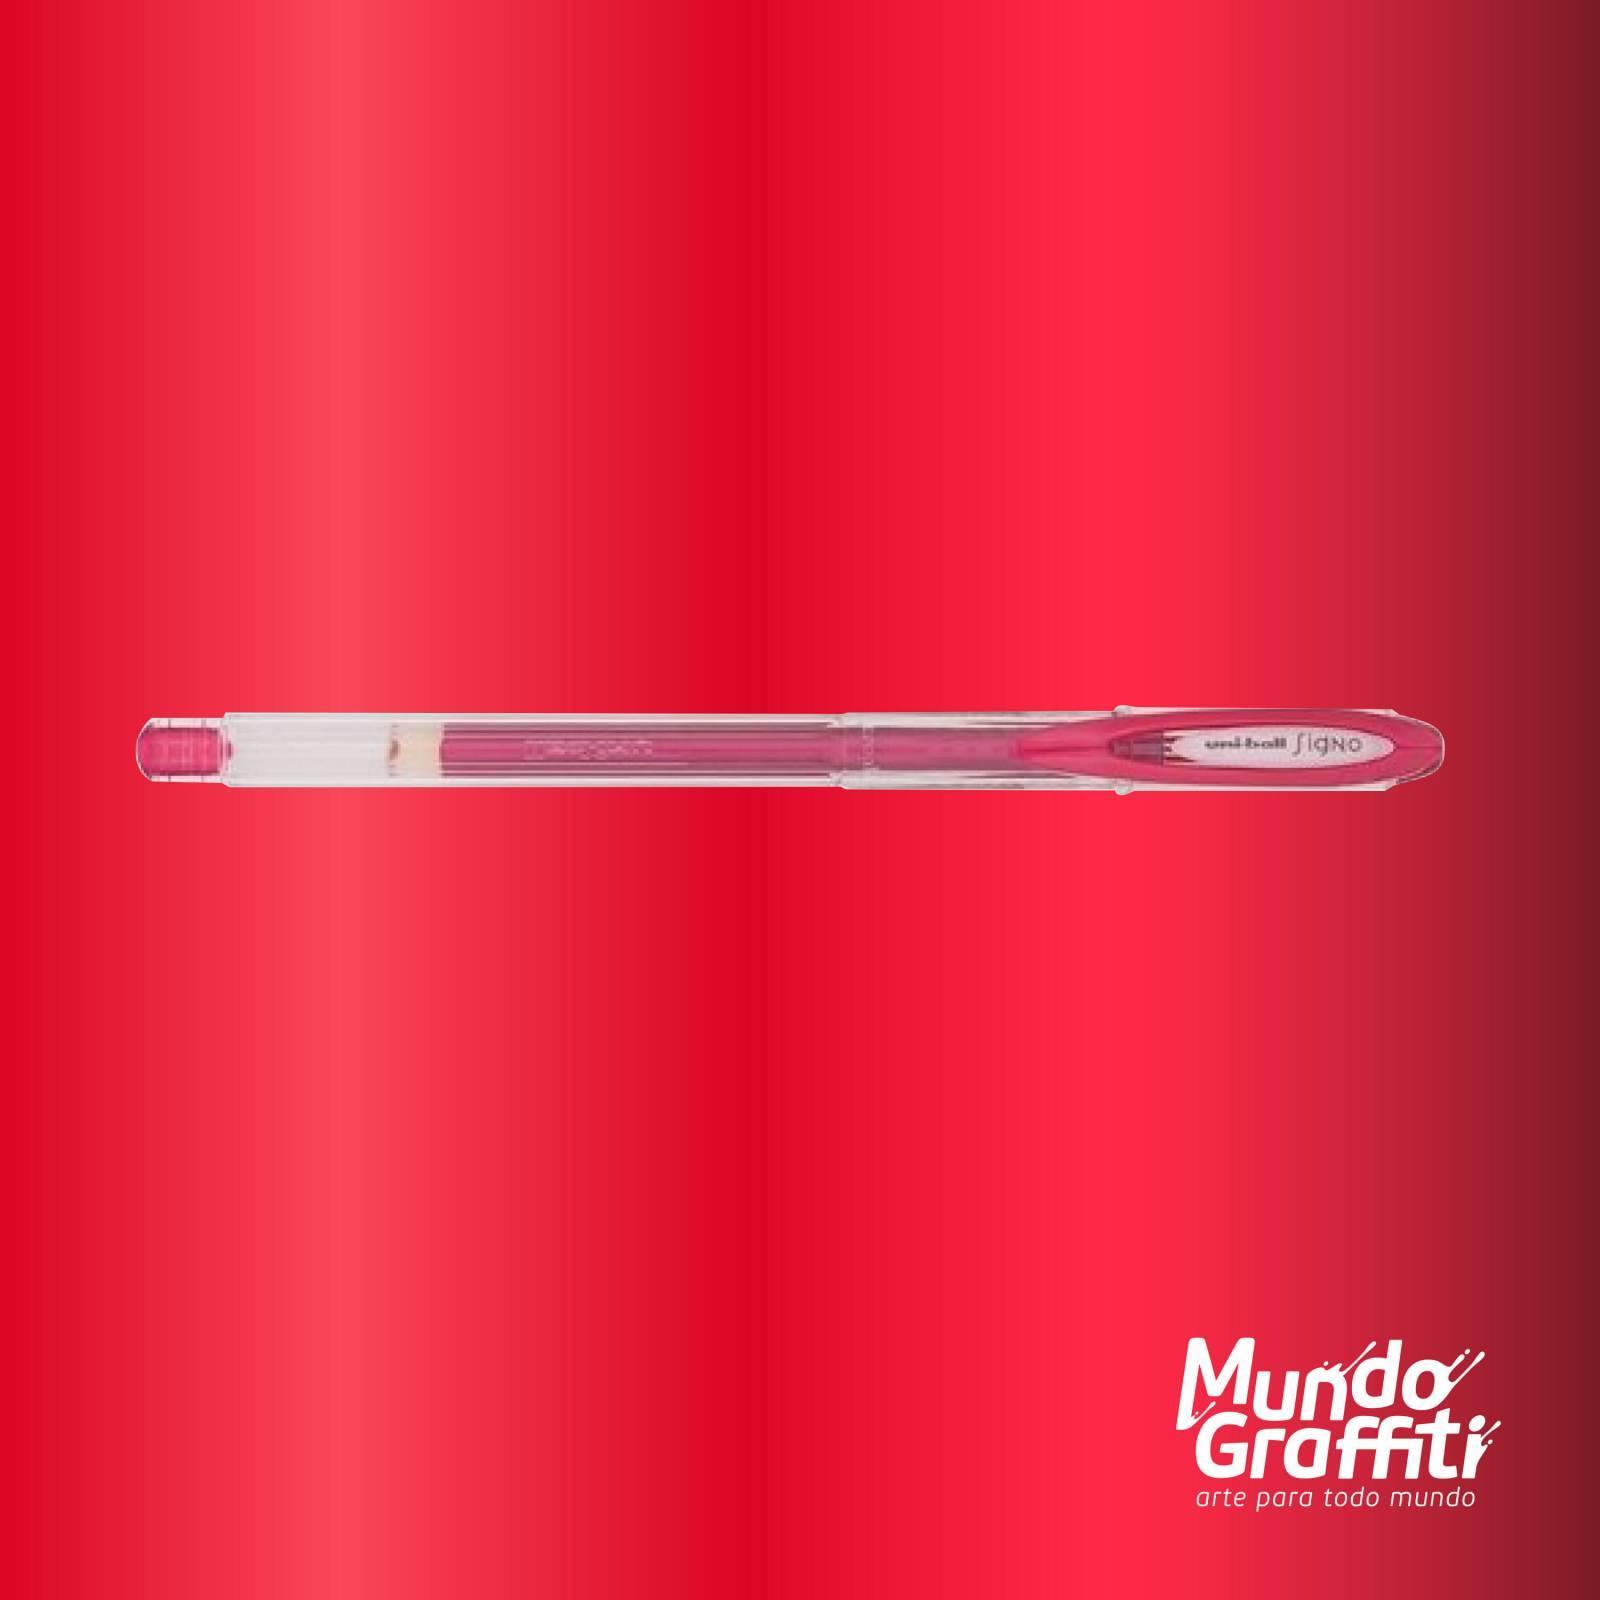 Caneta Signo Gel Noble Metal Vermelho 0,7mm - Mundo Graffiti